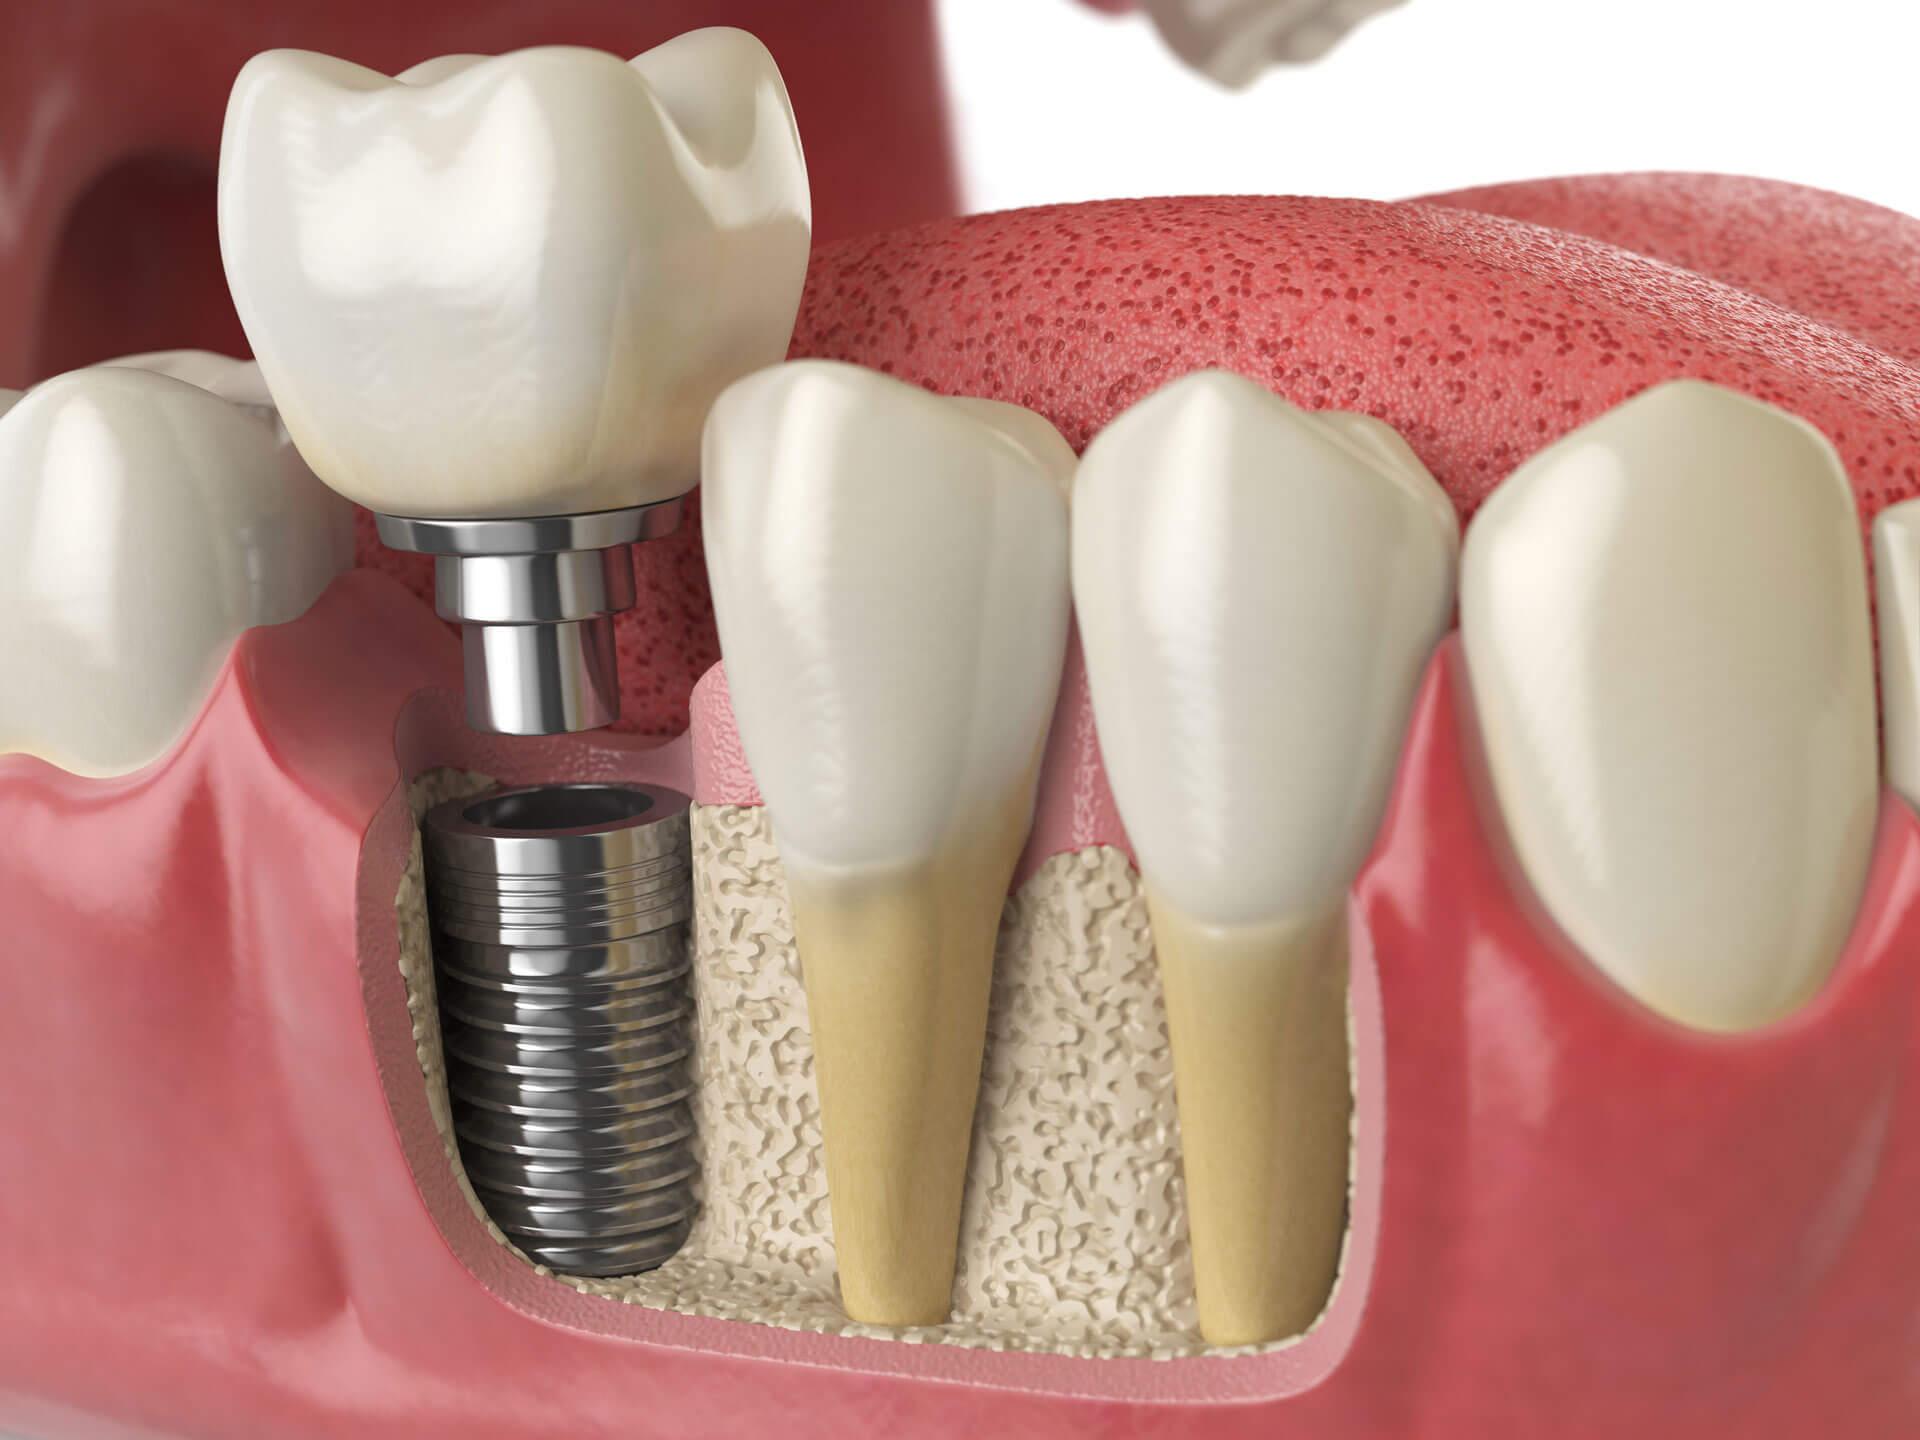 Implant dentaire : L'implant est-il une prothèse ?